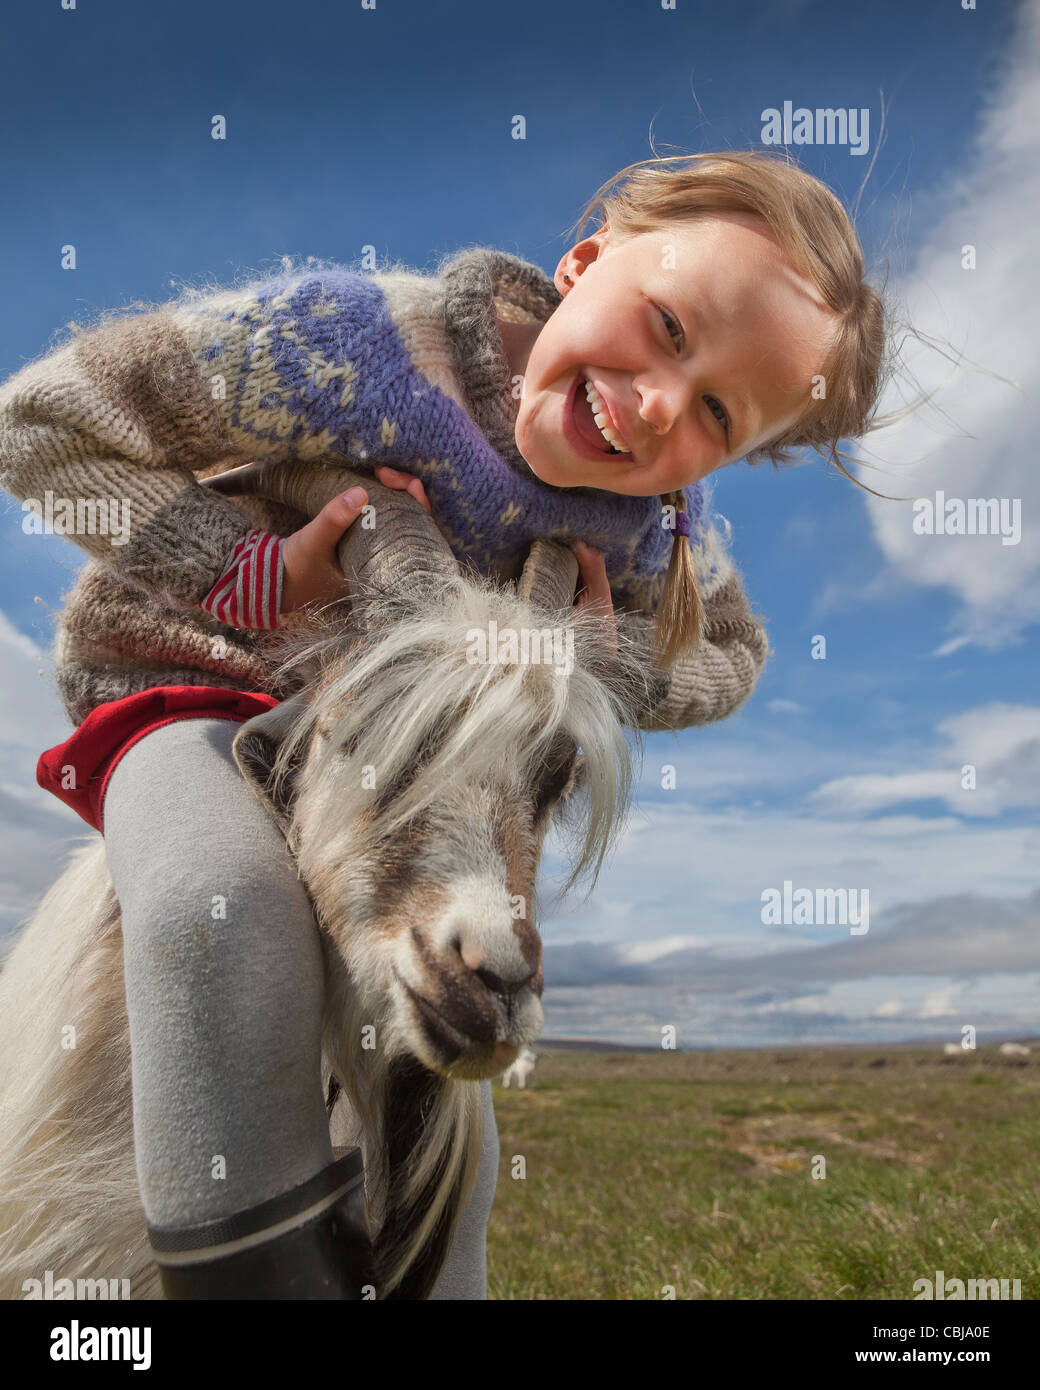 Chica con cabra, granja de cabras, IslandiaFoto de stock